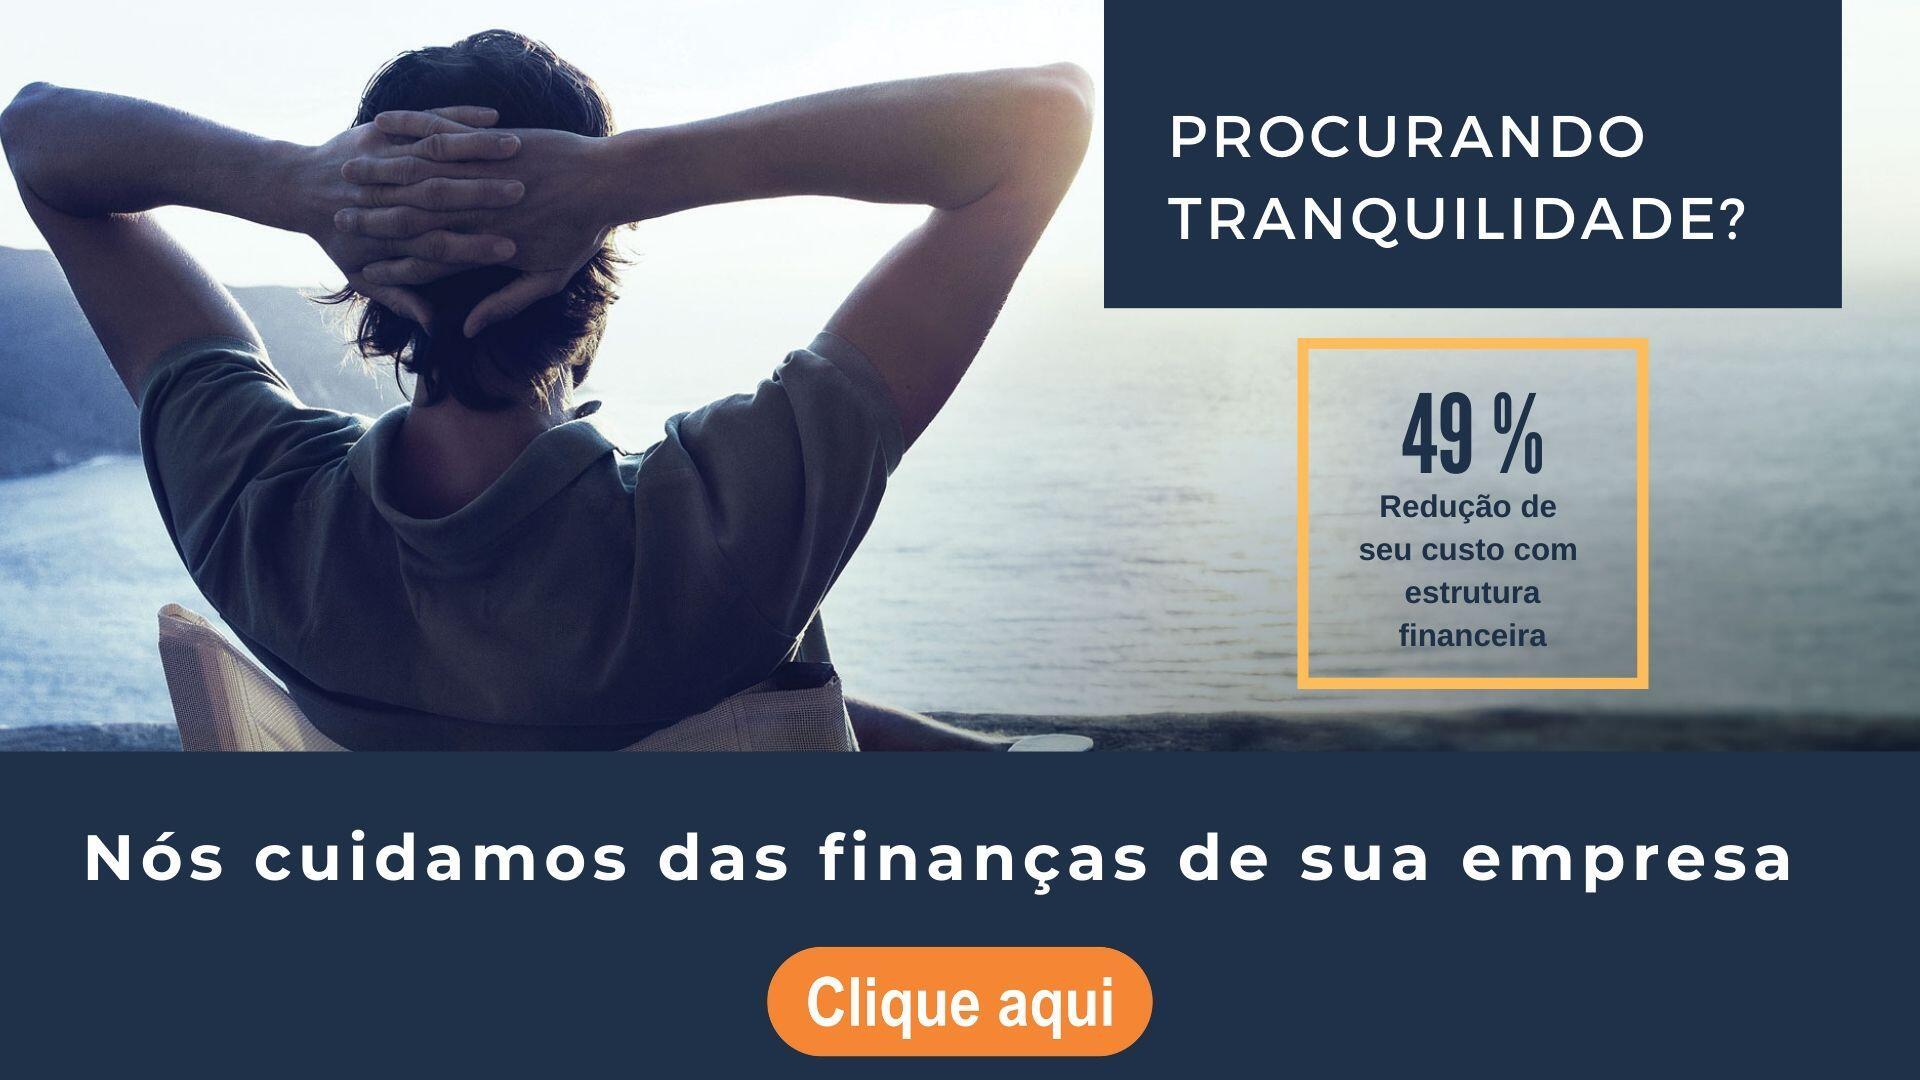 BPO Financeiro - solução financeira